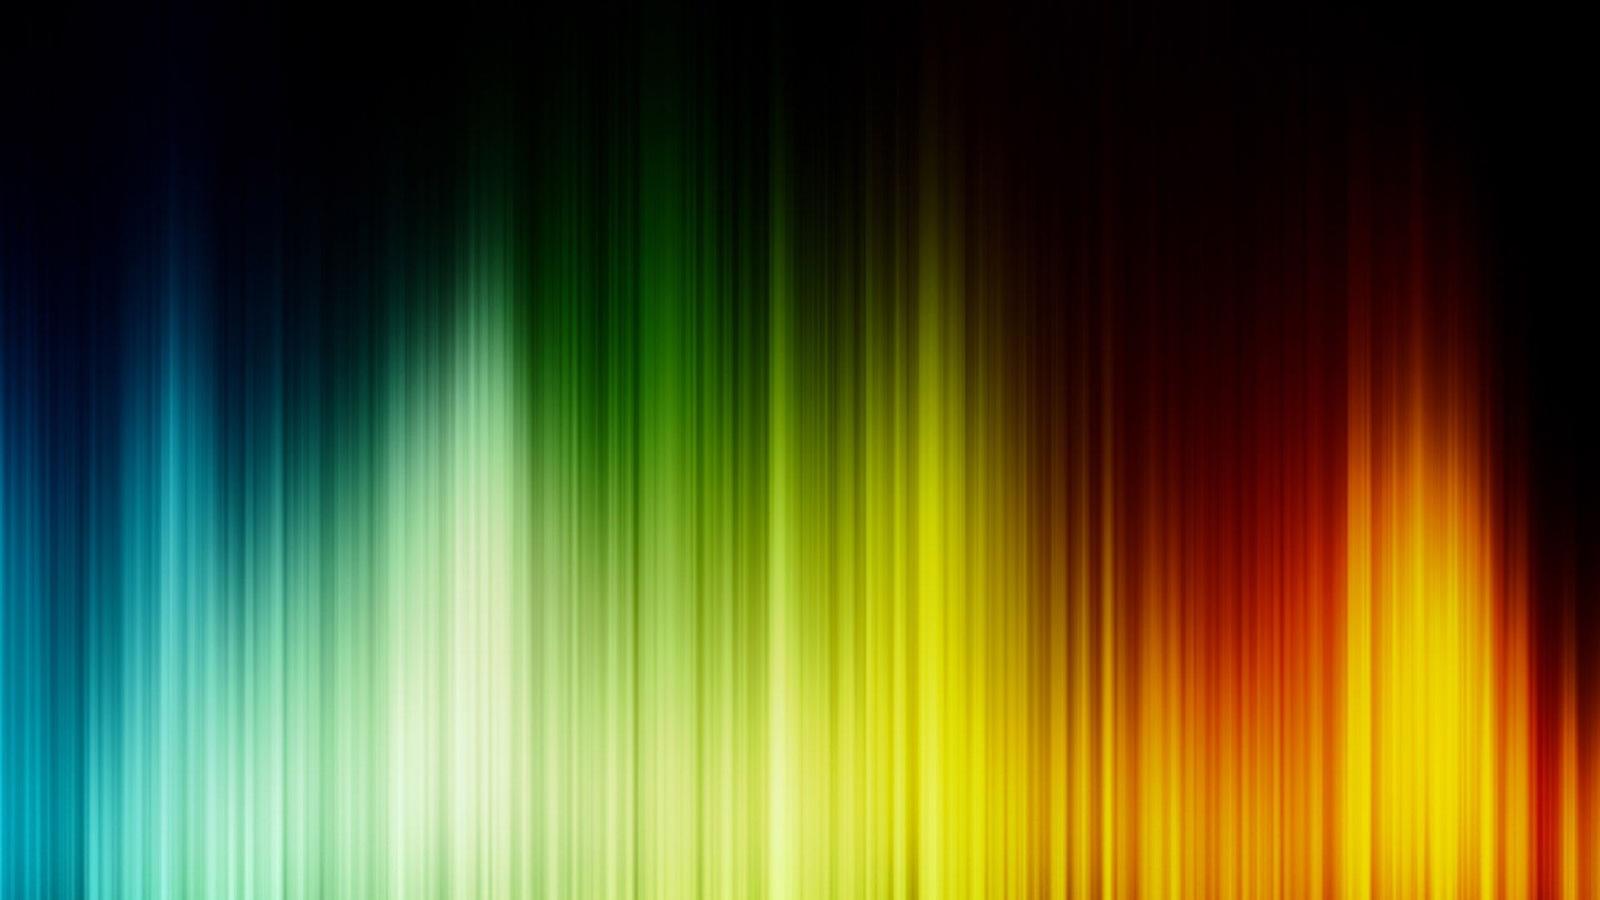 Vertikale Linie Farbigen Streifen 1920x1200 HD